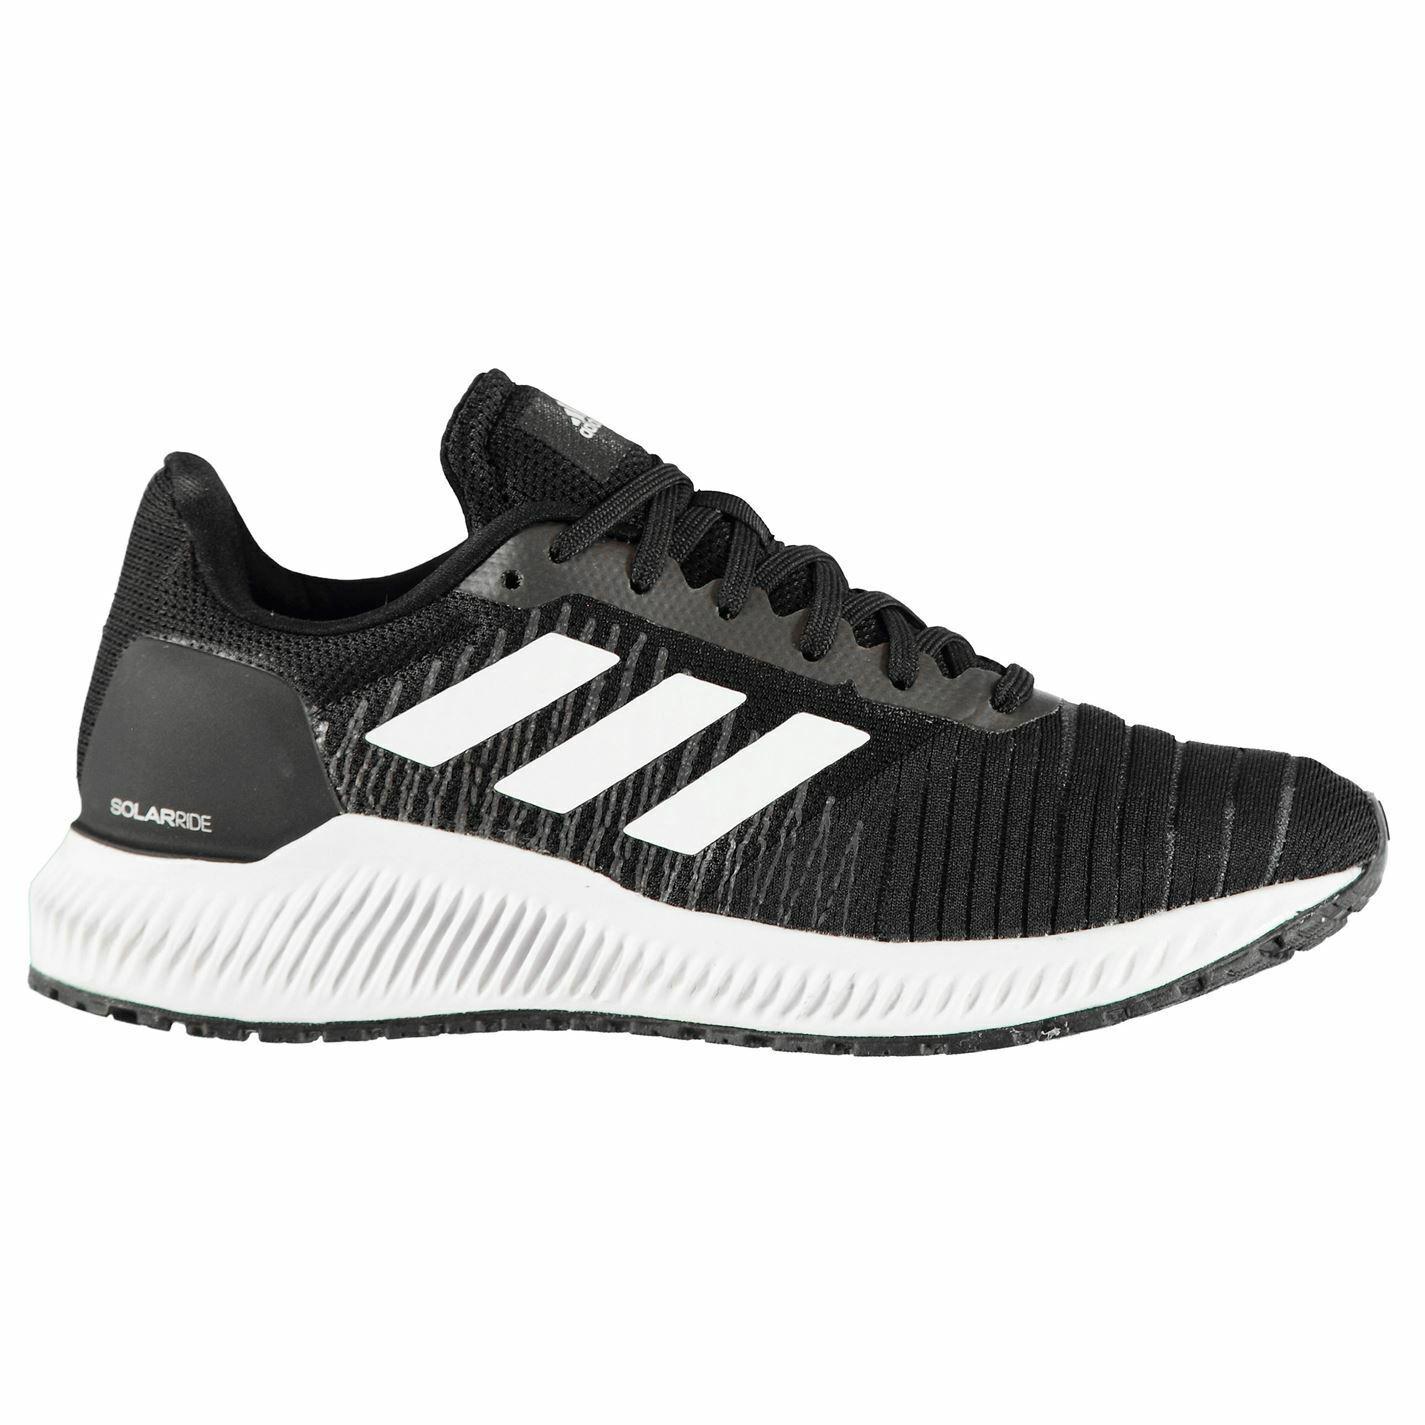 Adidas donna Solar Ride scarpe Road Lace  Up Shock Absorbing  con il prezzo economico per ottenere la migliore marca